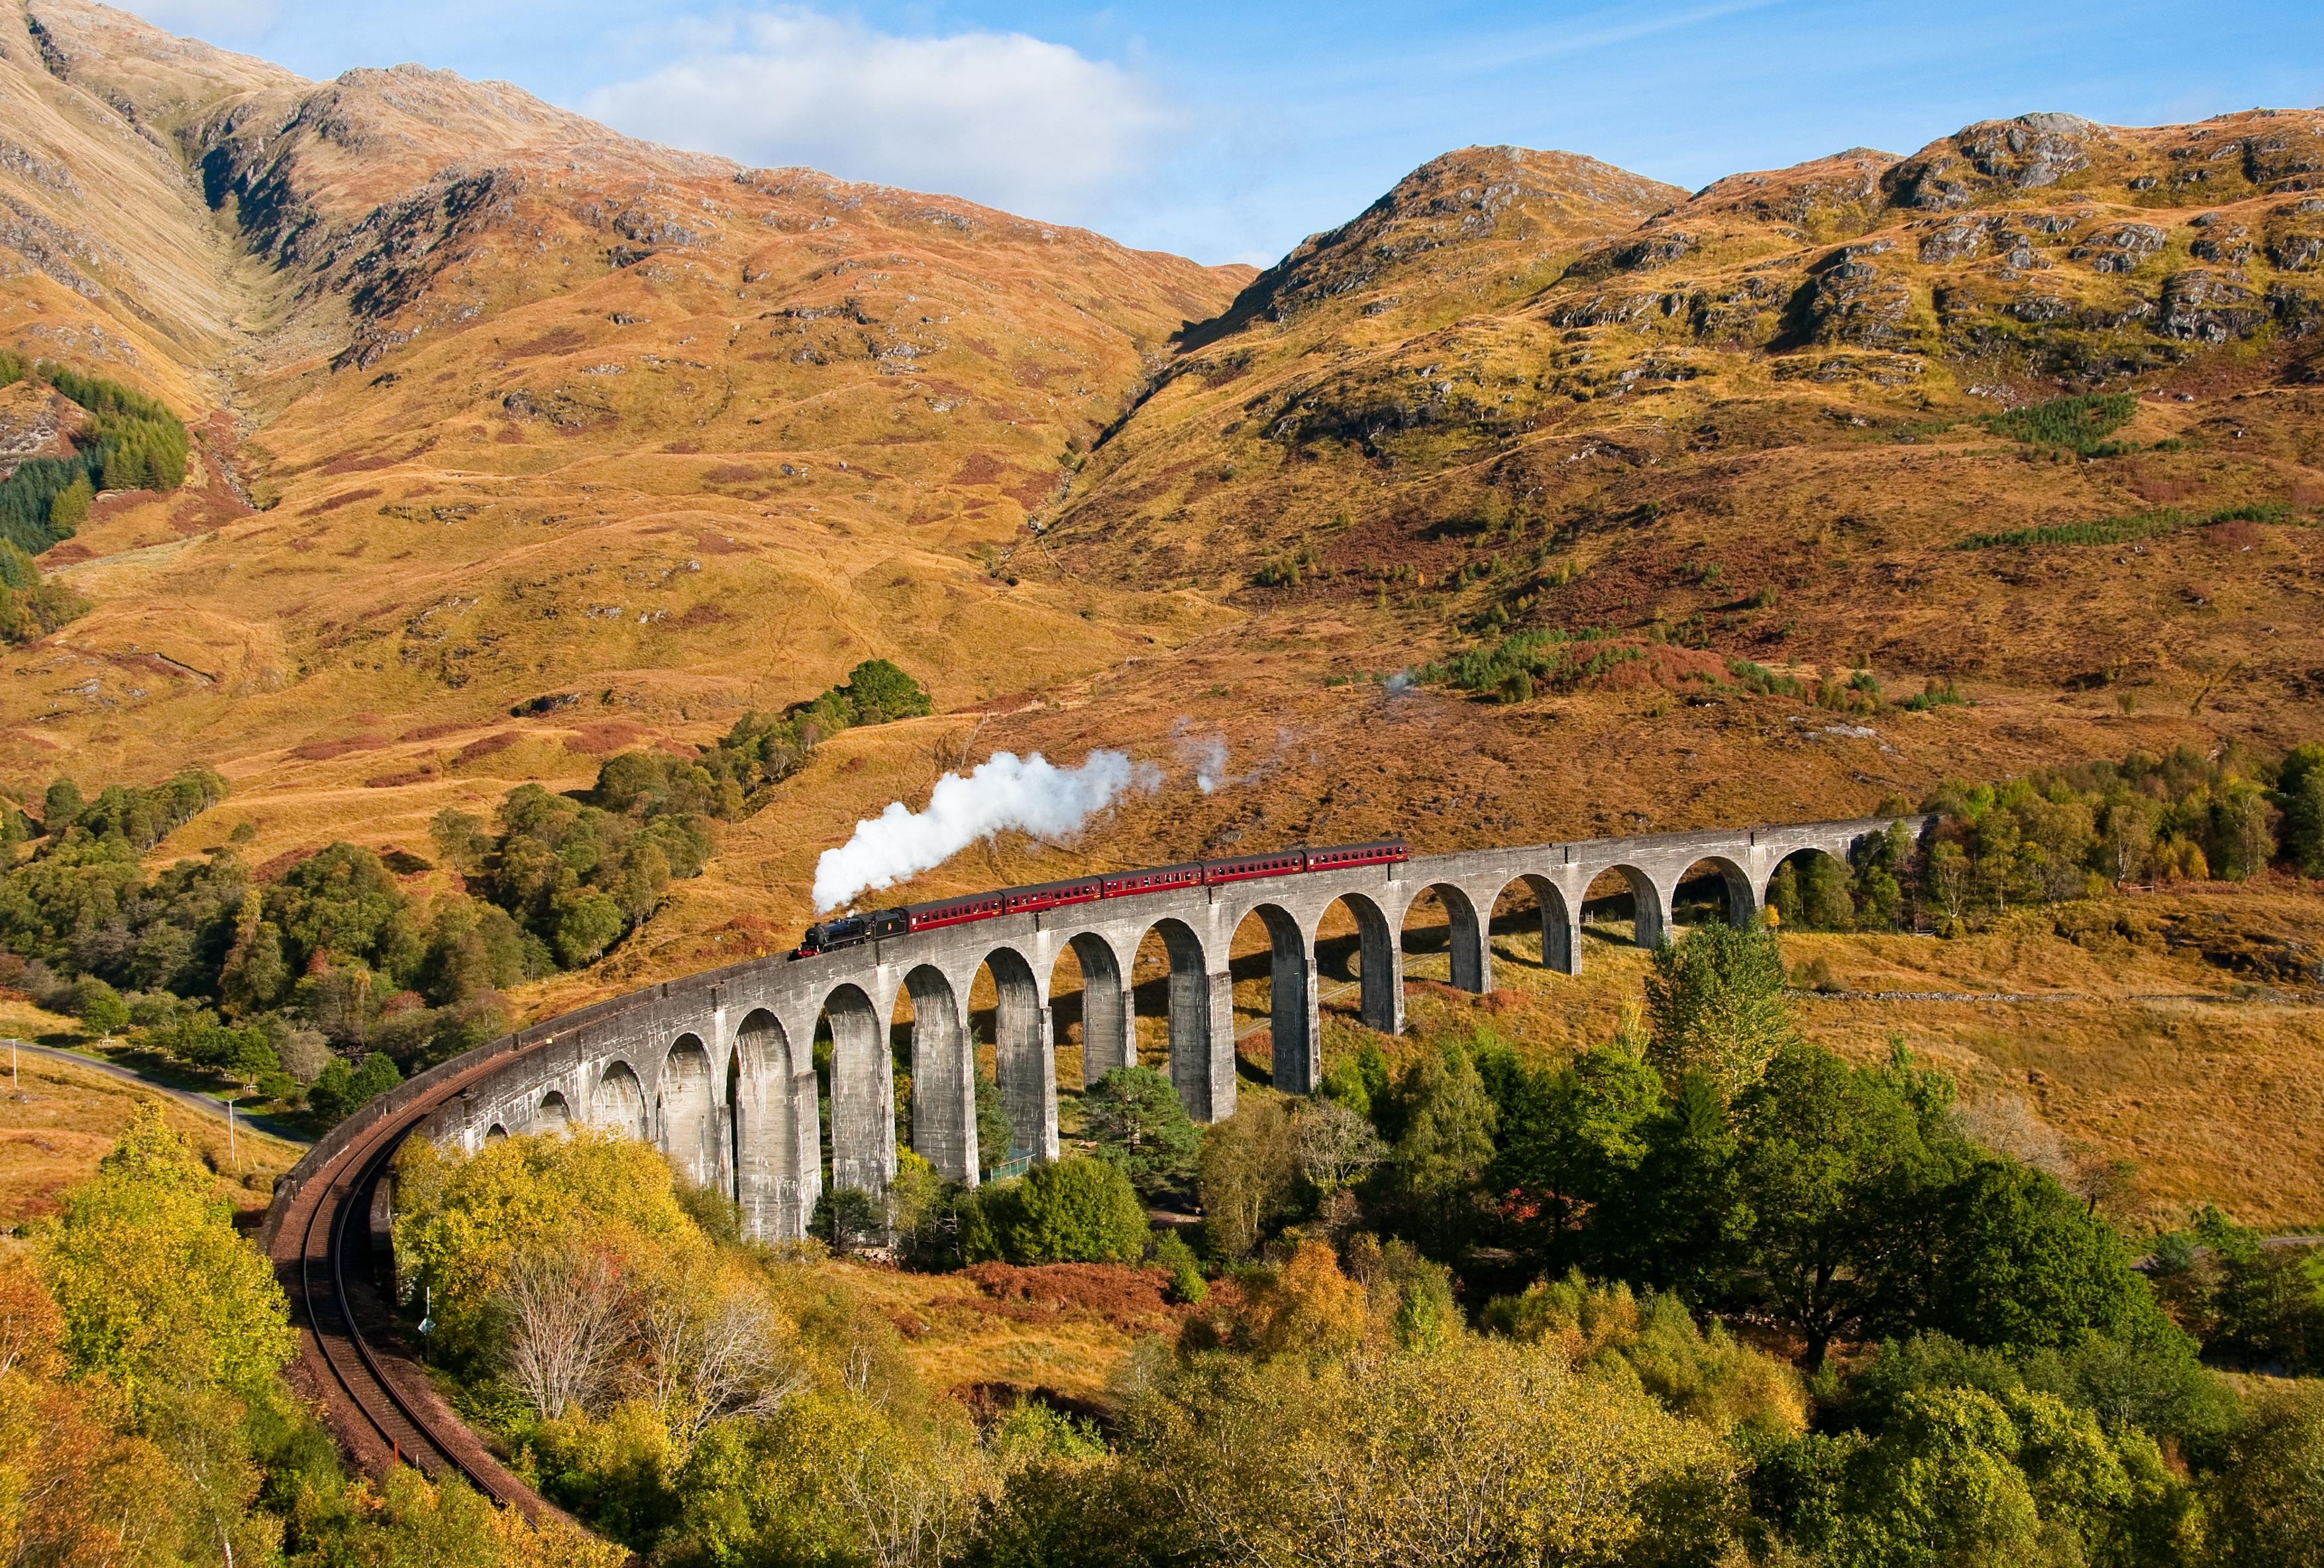 Подпись: Так выглядит виадук Гленфиннан осенью. Источник фото: круто!me http://www.kruto.me/